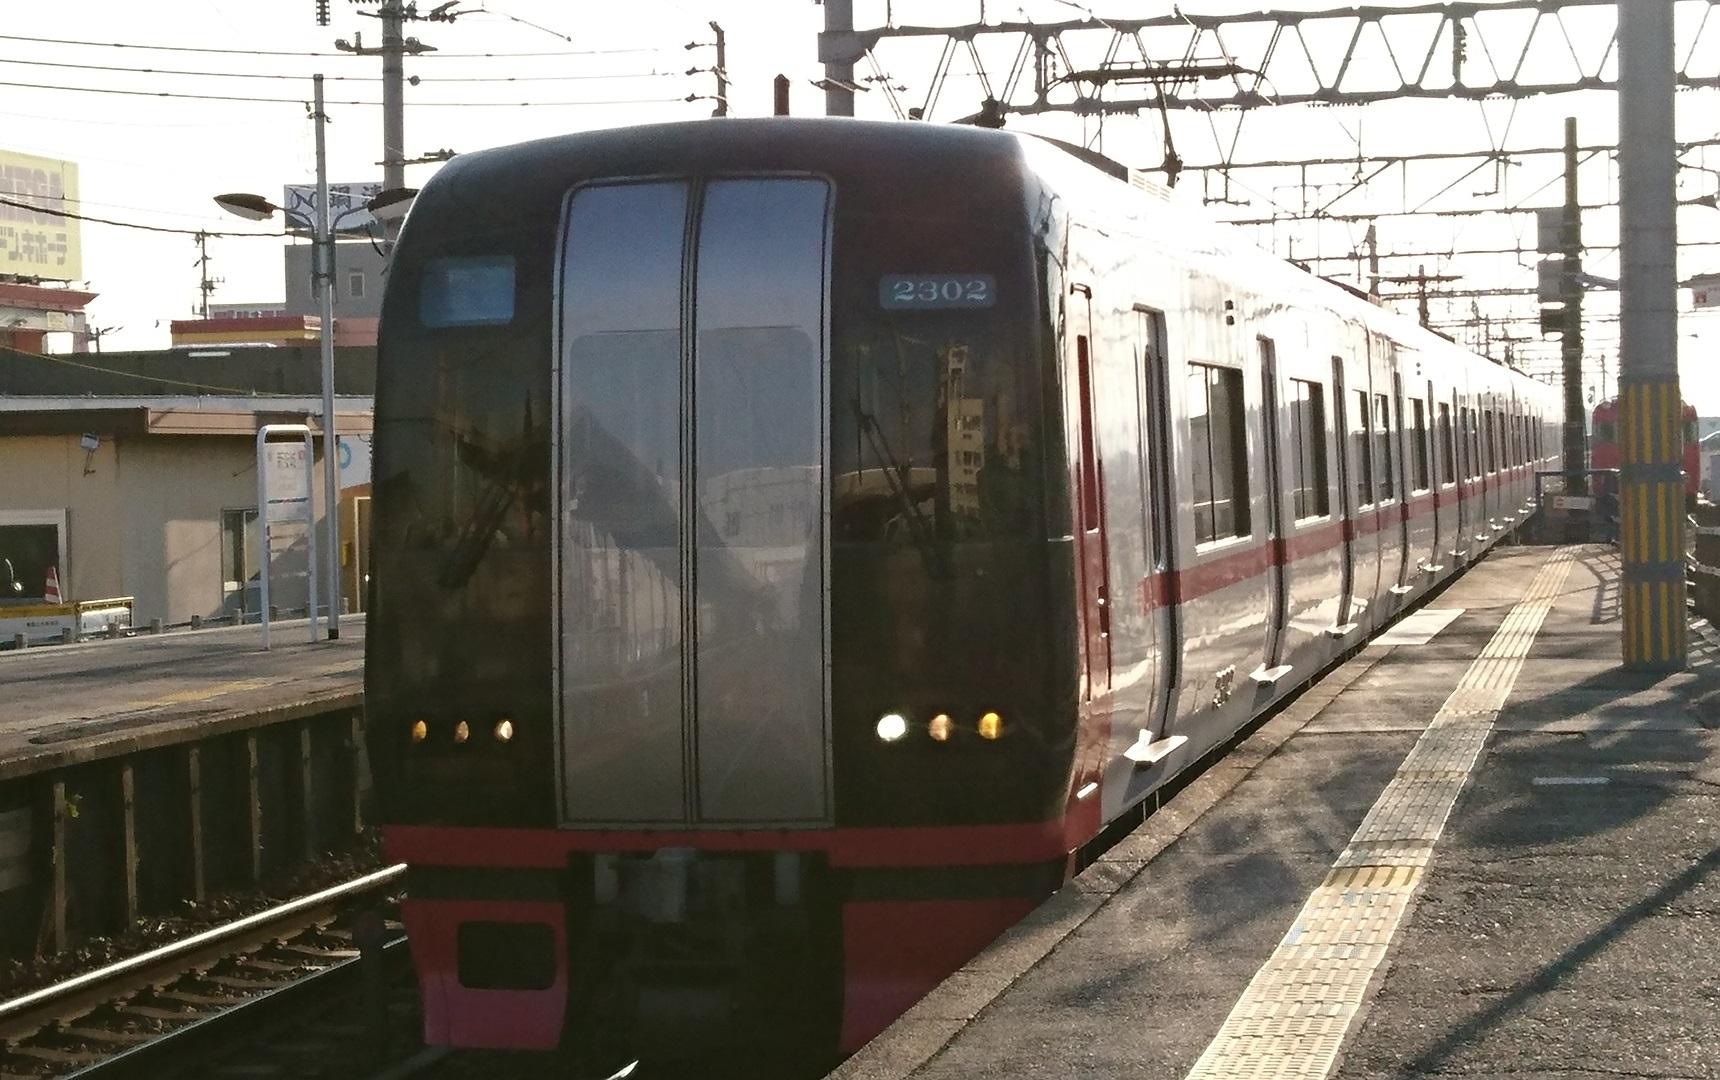 2017.1.13 名古屋まで (6) しんあんじょう - 岐阜いき特急(2302)1720-1080